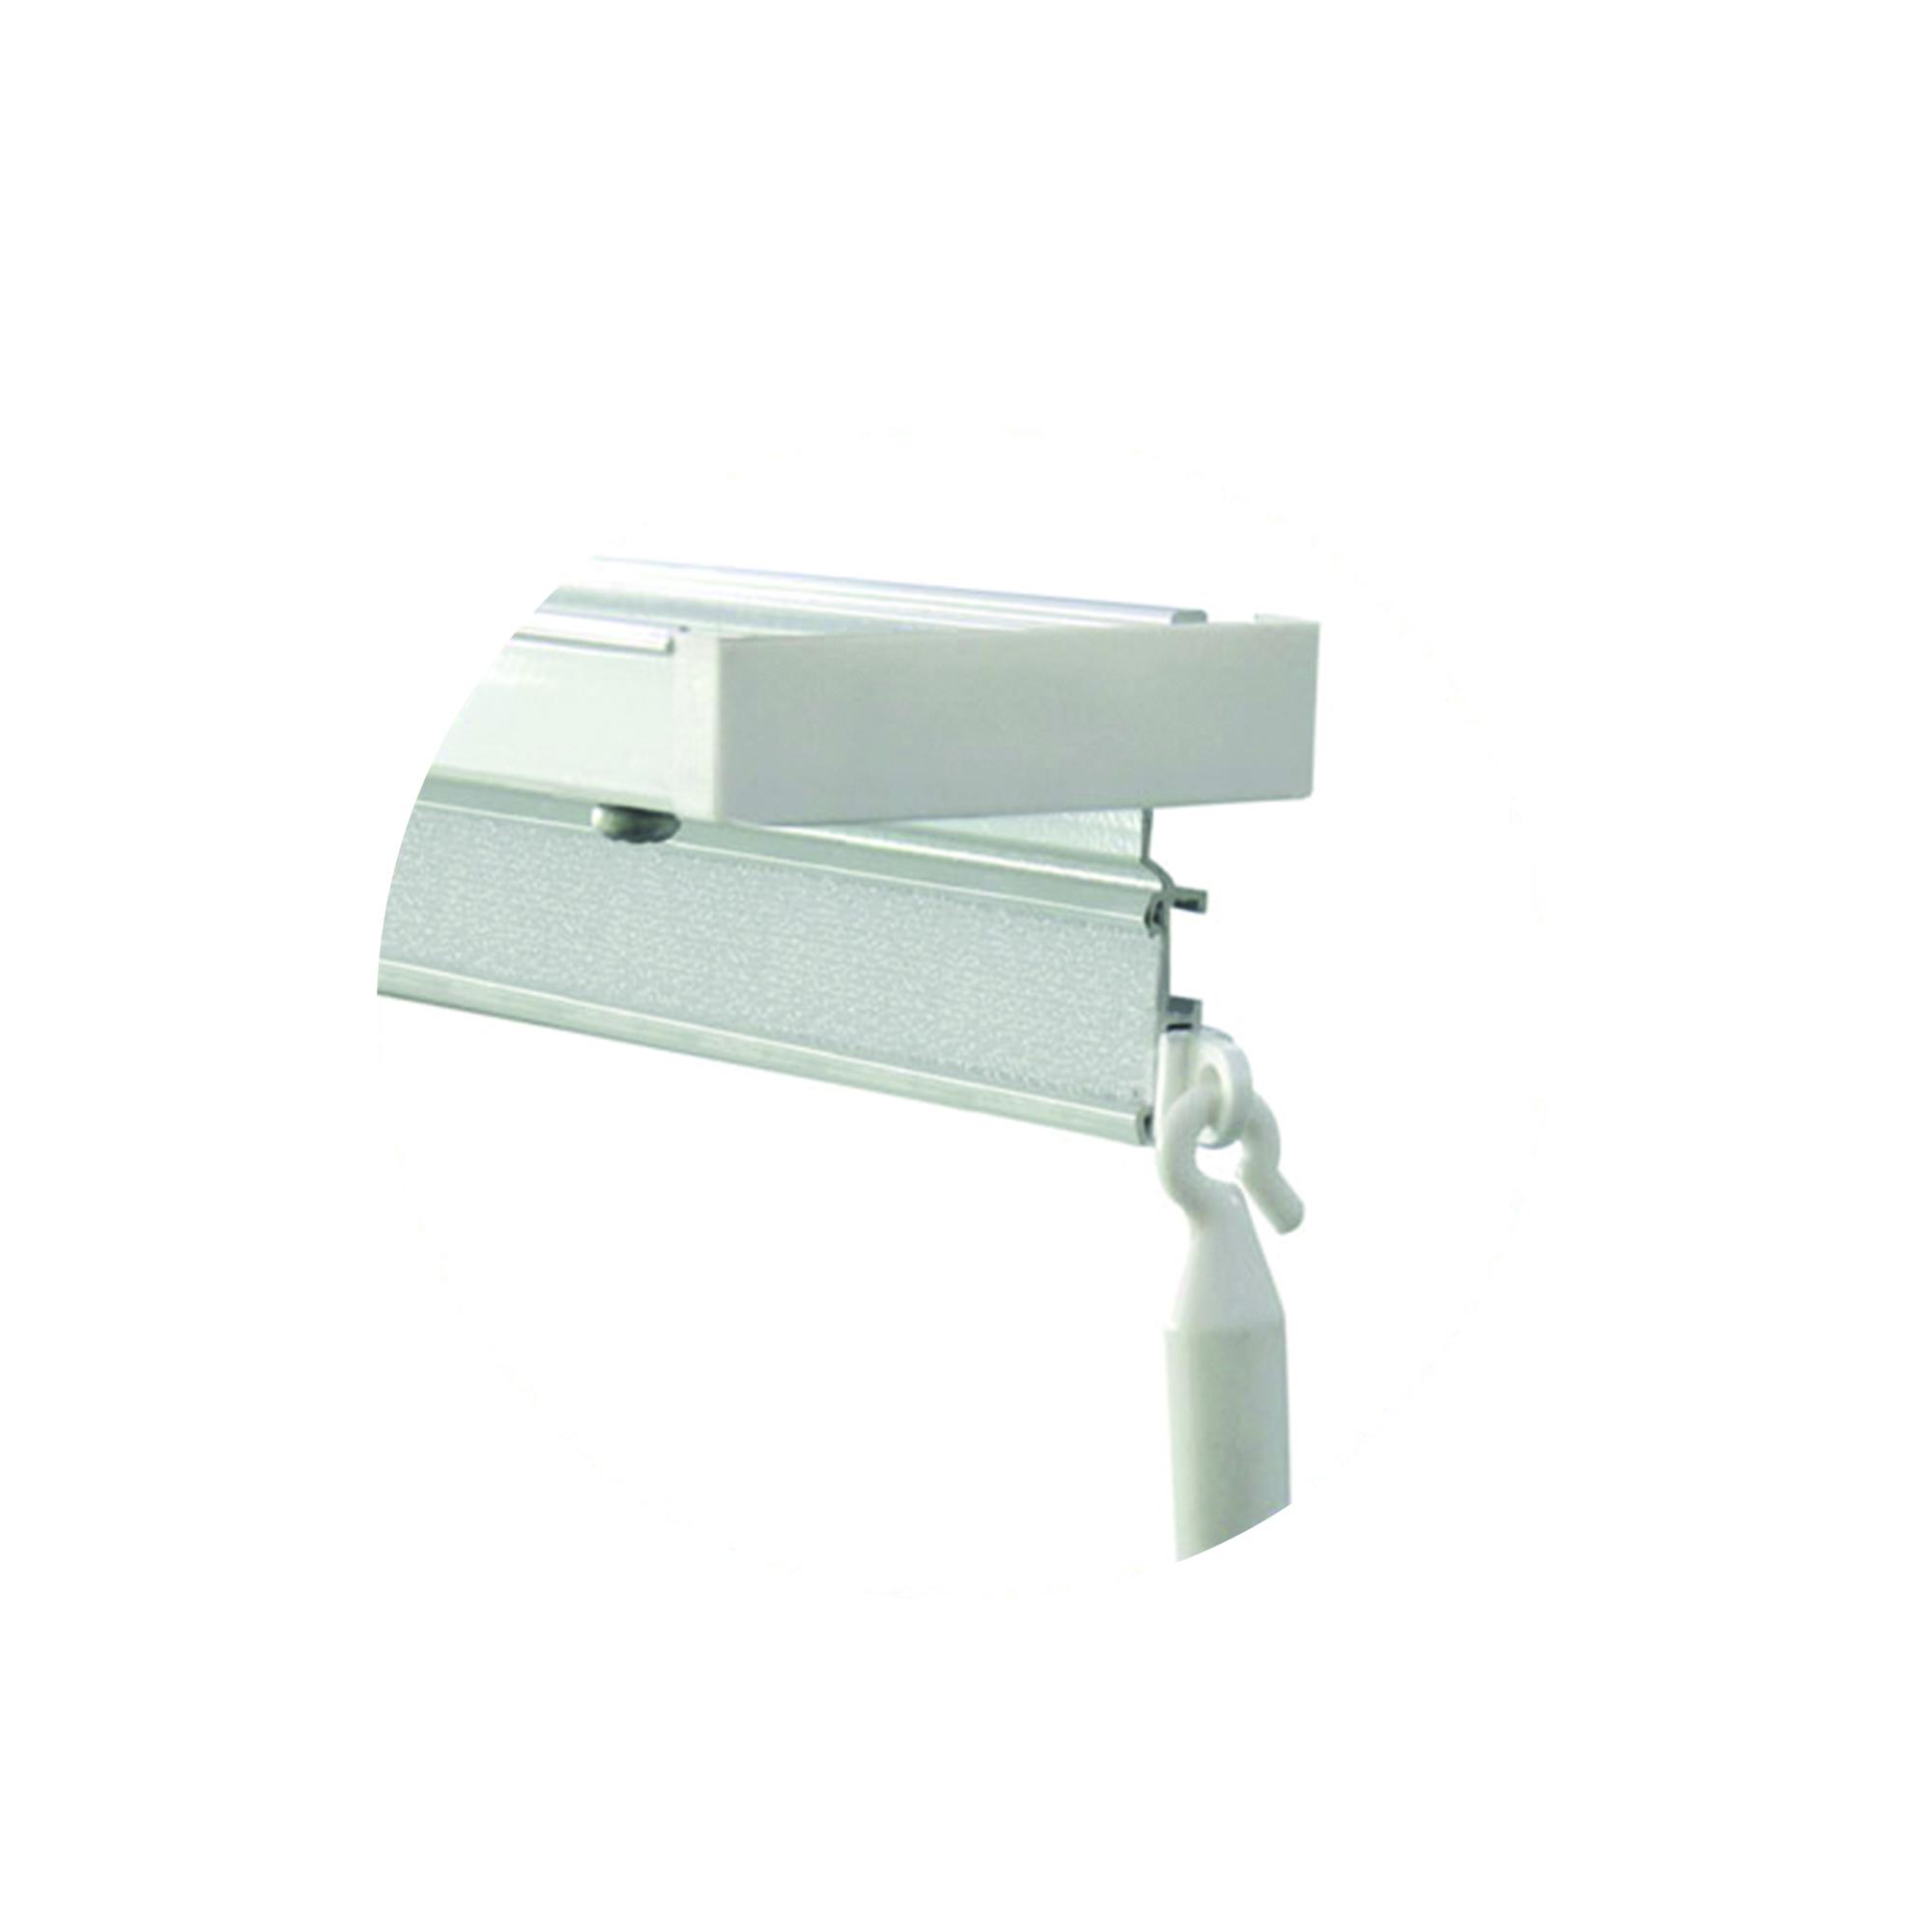 aluminium gardinenschiene fl chenvorhang schiene 3 l ufig f r schiebevorhang ebay. Black Bedroom Furniture Sets. Home Design Ideas